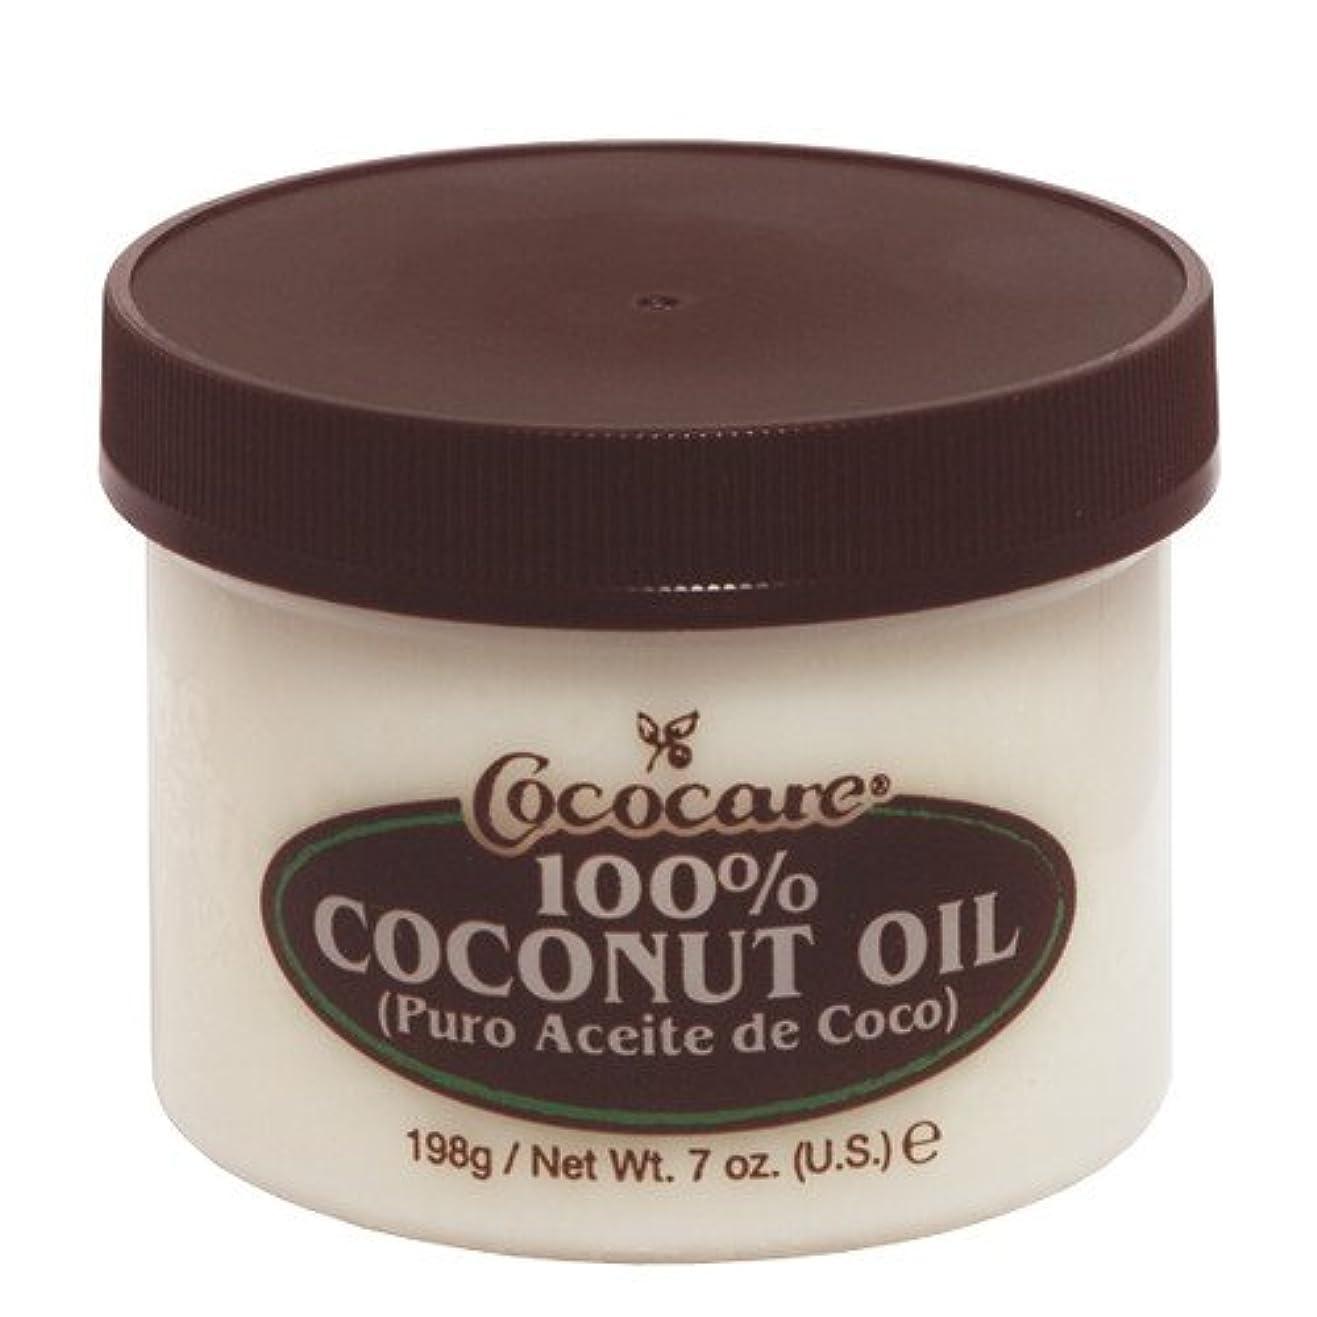 引退した極端なただCOCOCARE ココケア ココナッツオイル 198g